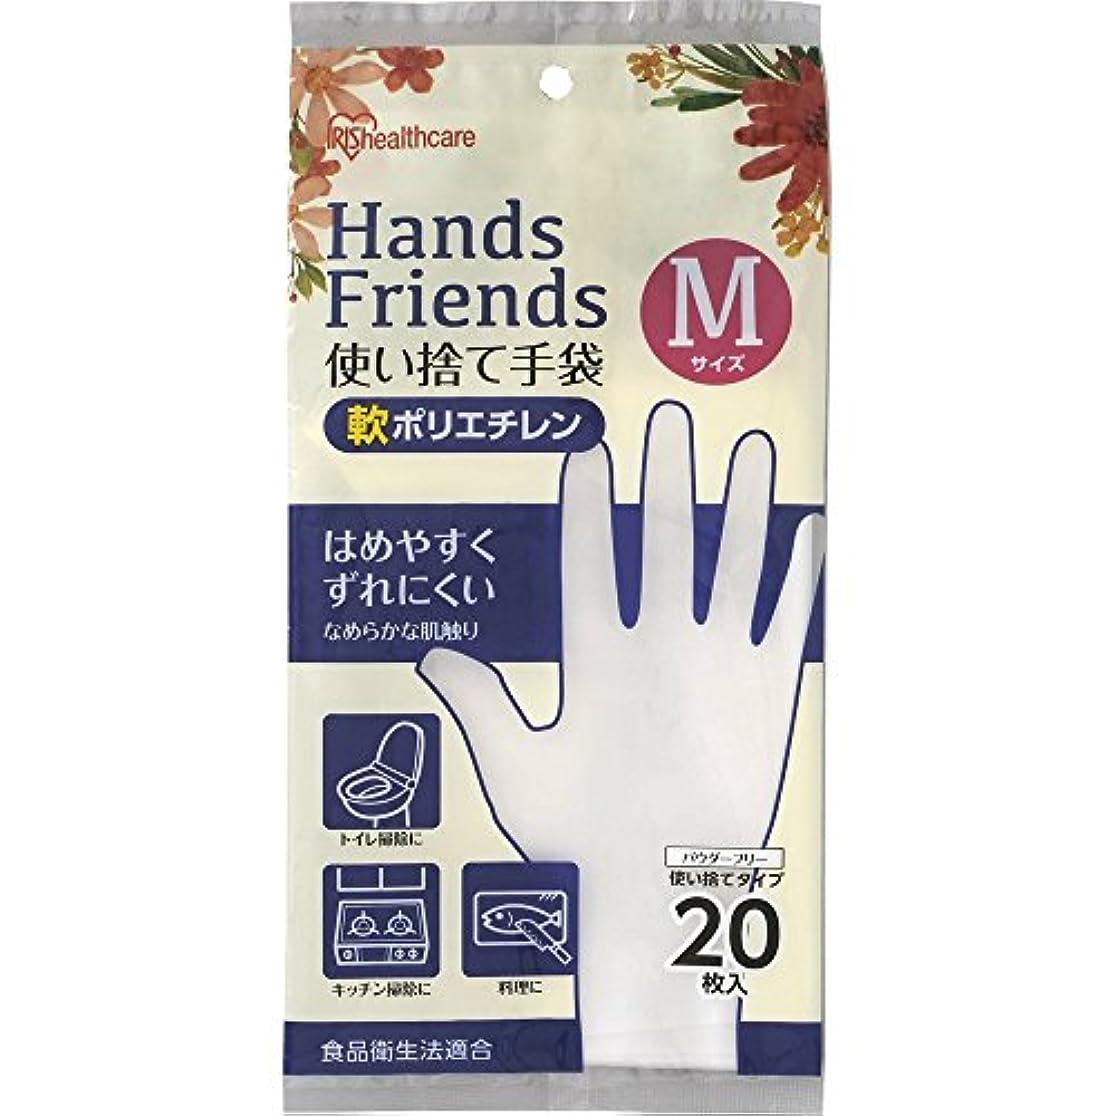 準備する紳士気取りの、きざな大使館使い捨て手袋 軟ポリエチレン手袋 Mサイズ 粉なし パウダーフリー クリア 20枚入